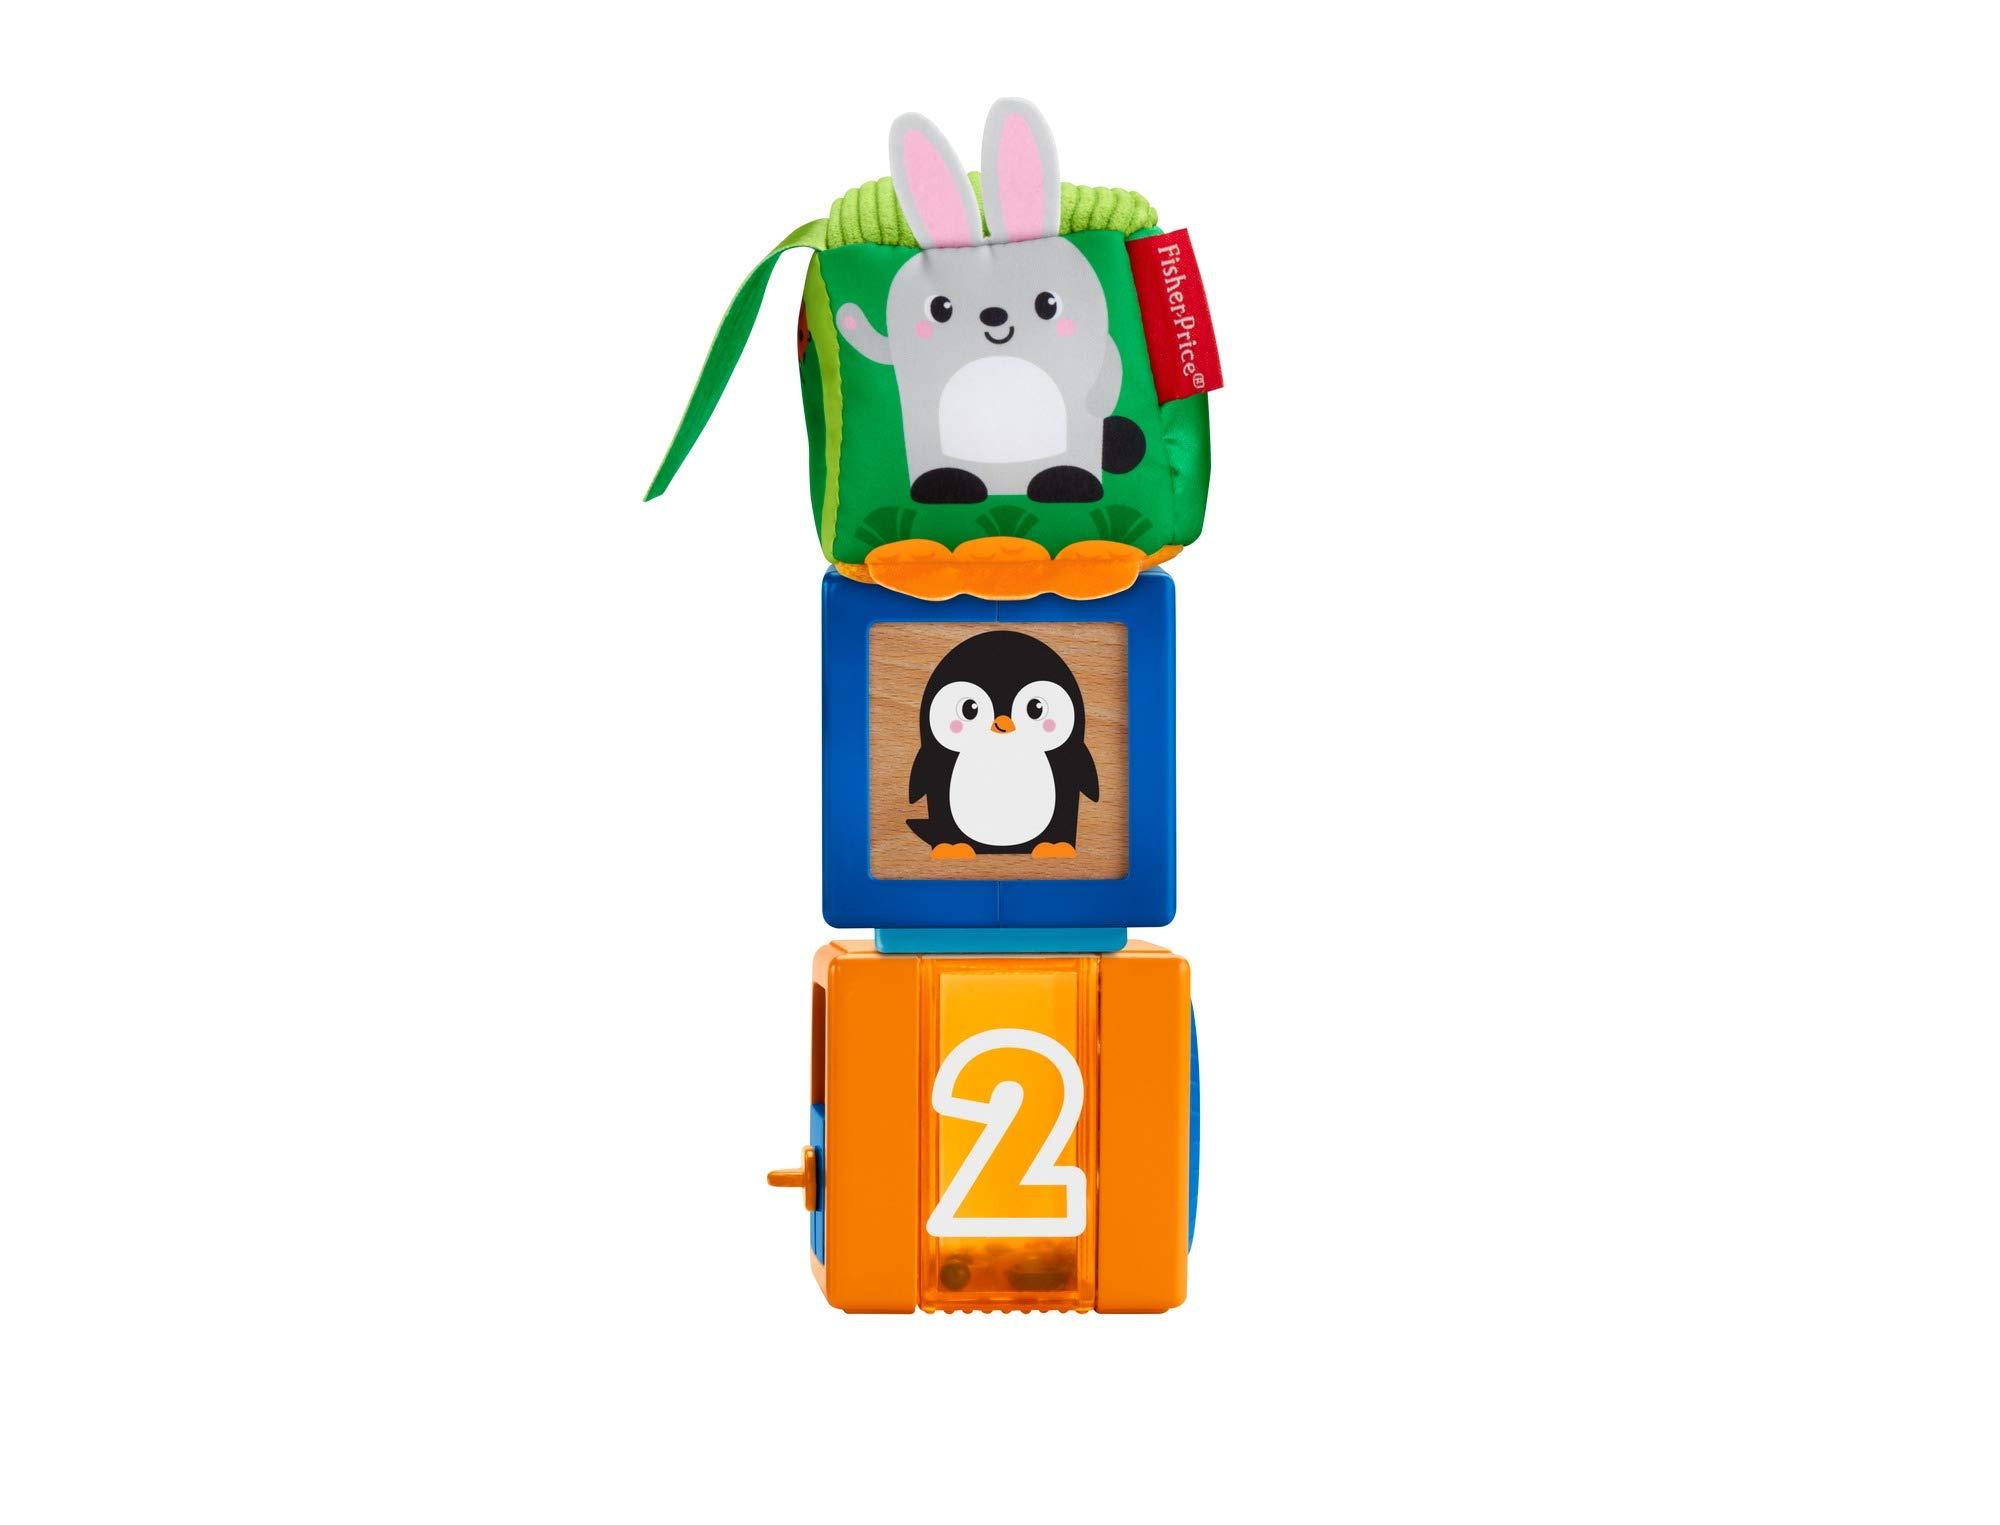 Juguete para Beb/és 6 Meses Fisher Price Bloques Sensoriales Mattel GJW13